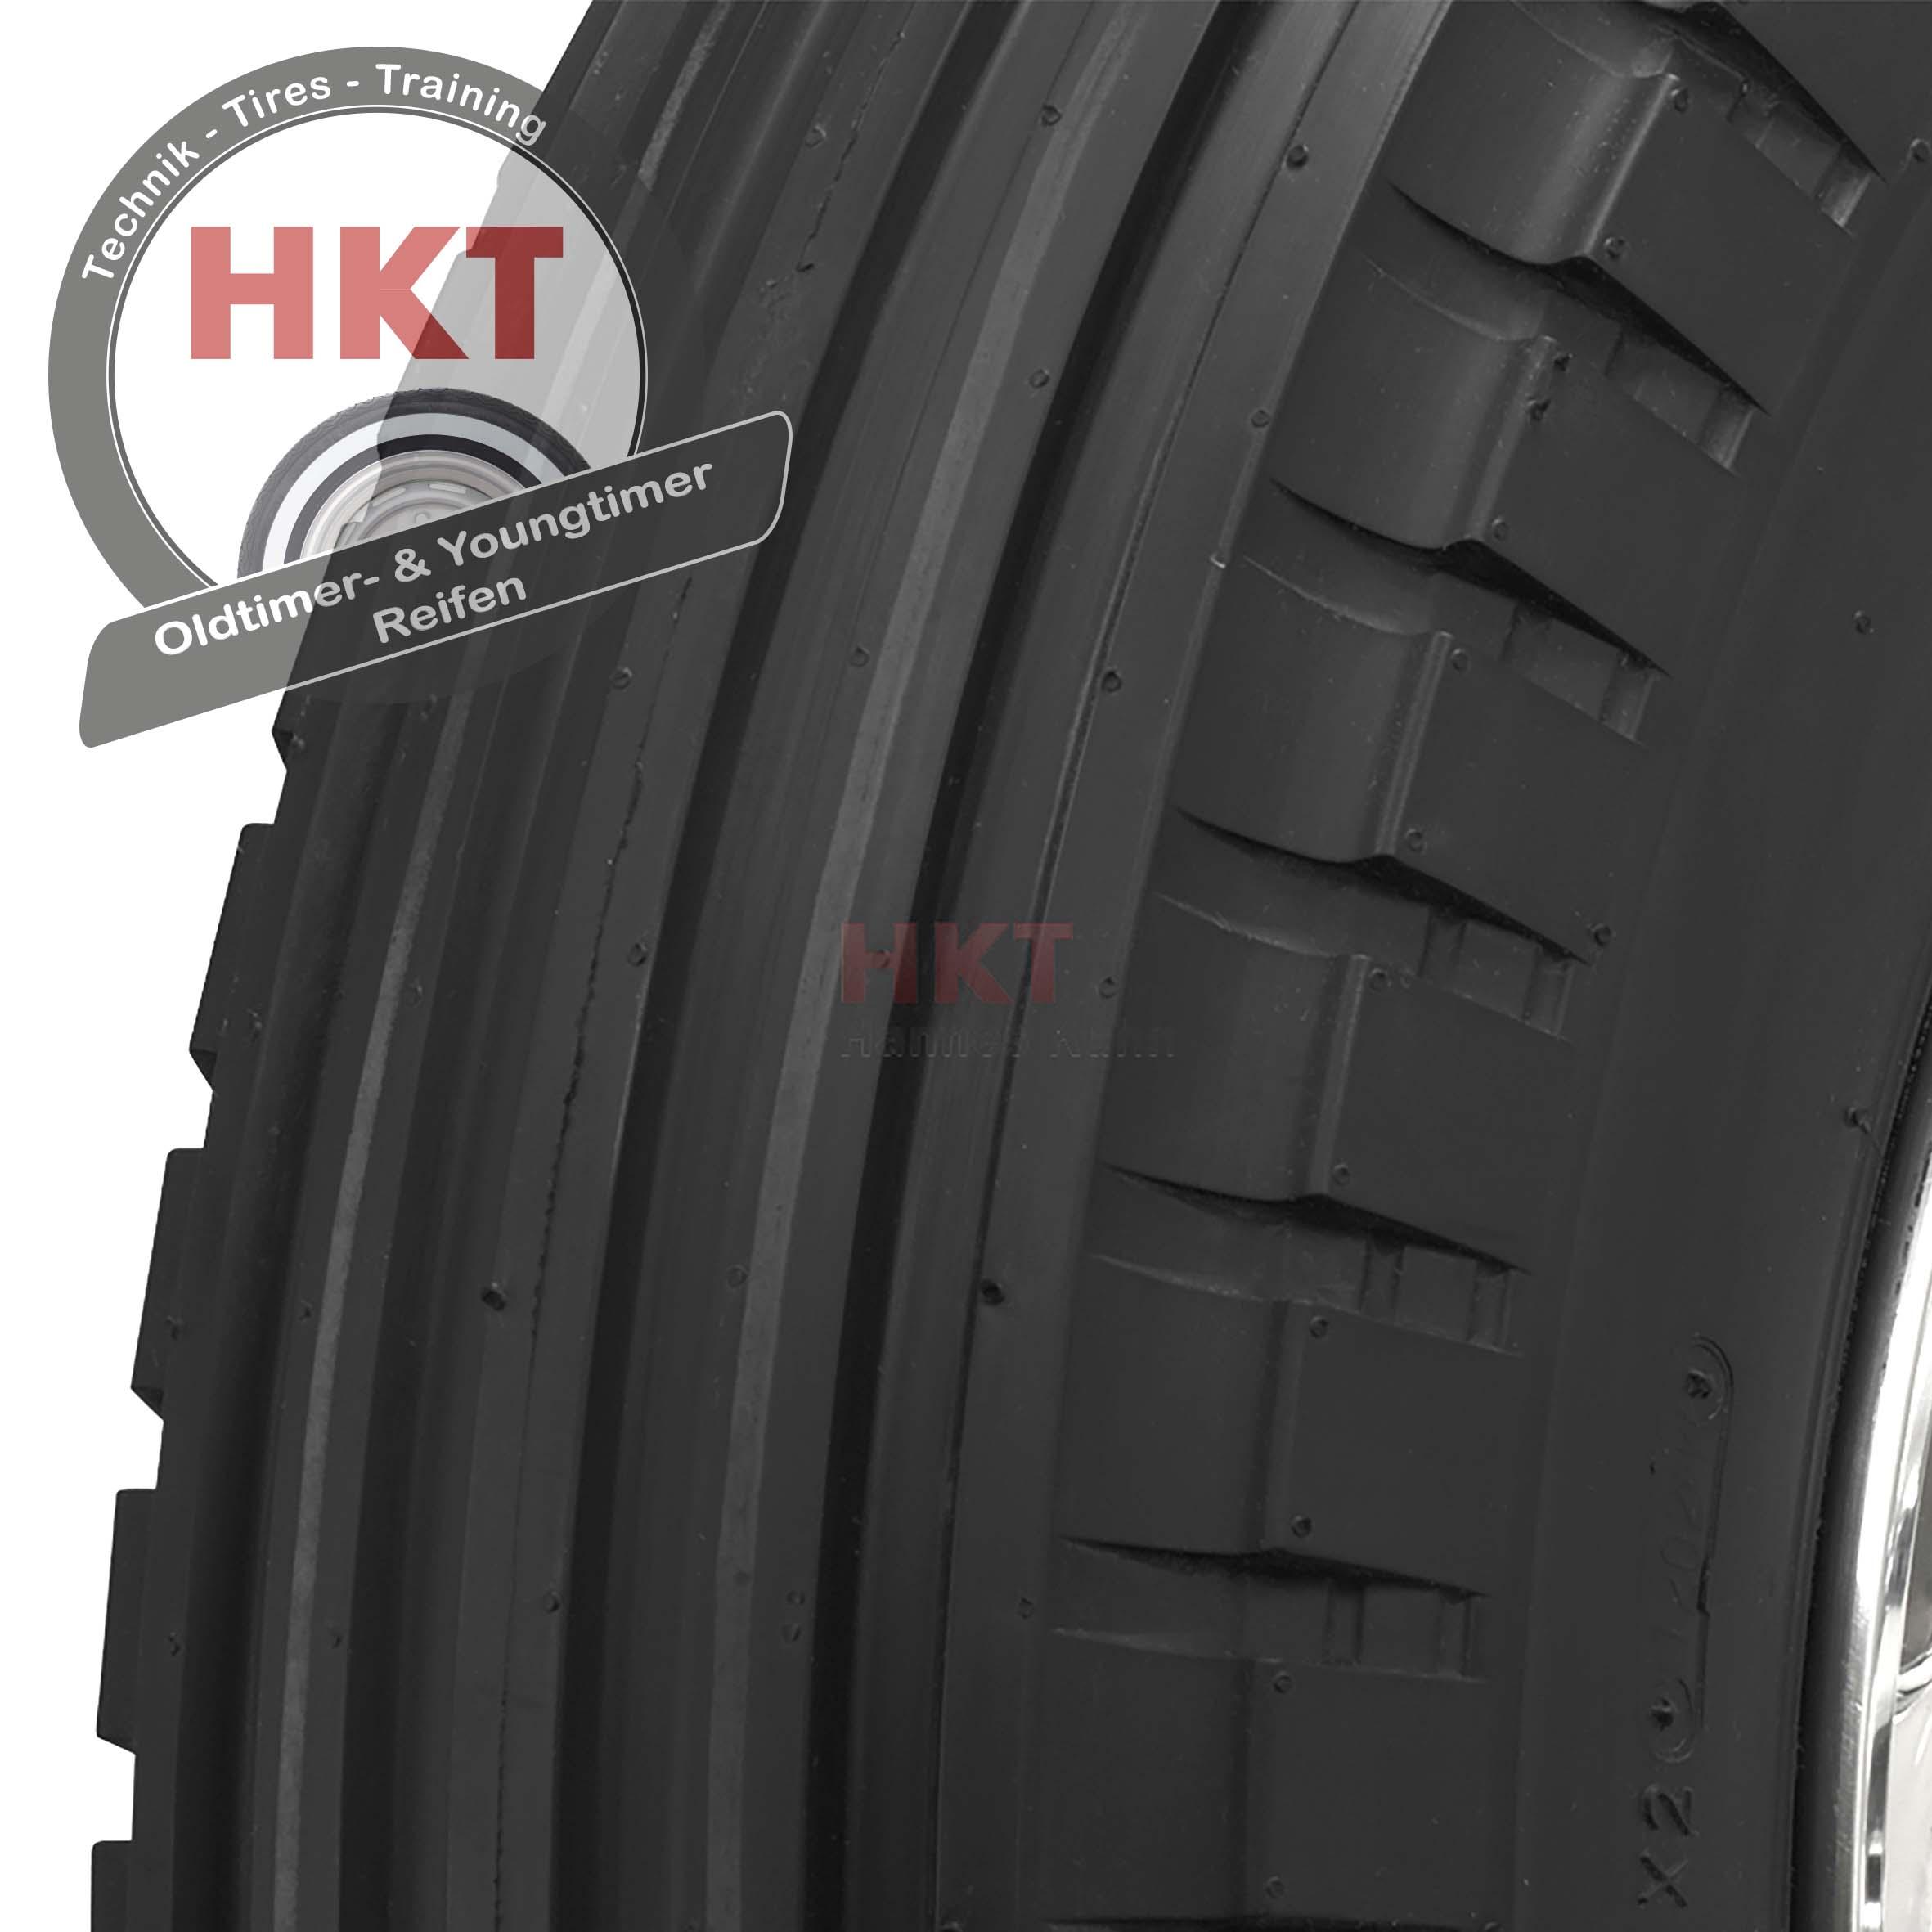 5.00-15 P TT Firestone Ripped Dirt Track